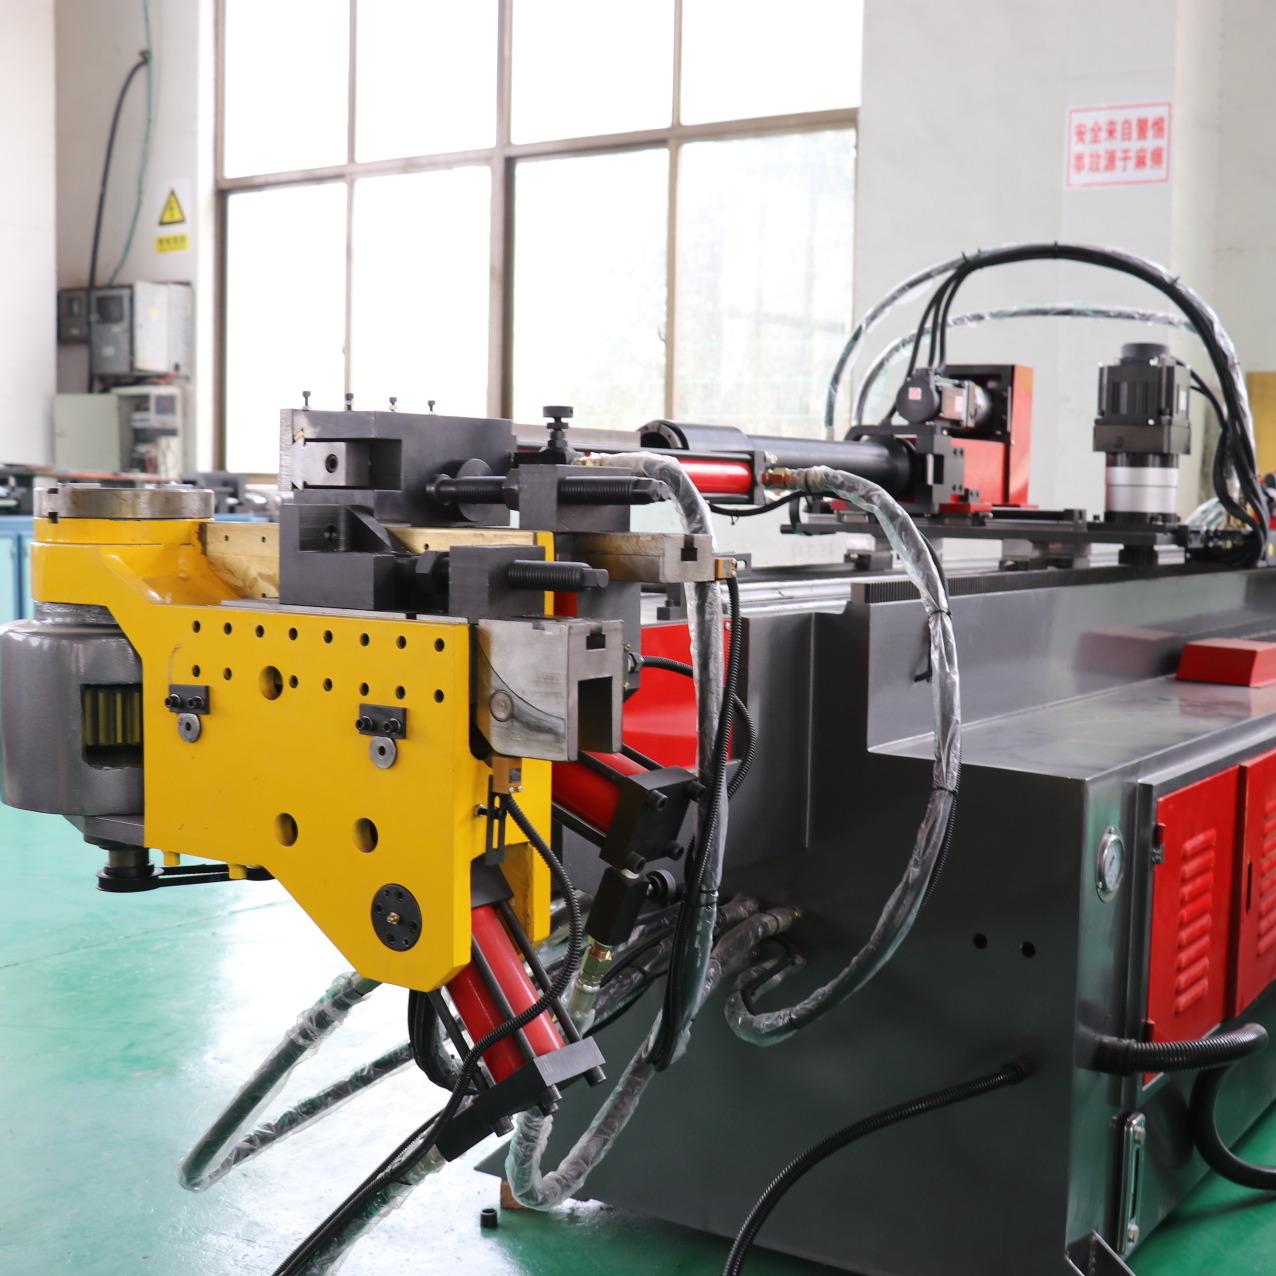 道尔顿工业DW38CNC-2AX1S全自动弯管机 数控弯管机 三维立体弯管机 空间转角弯管机